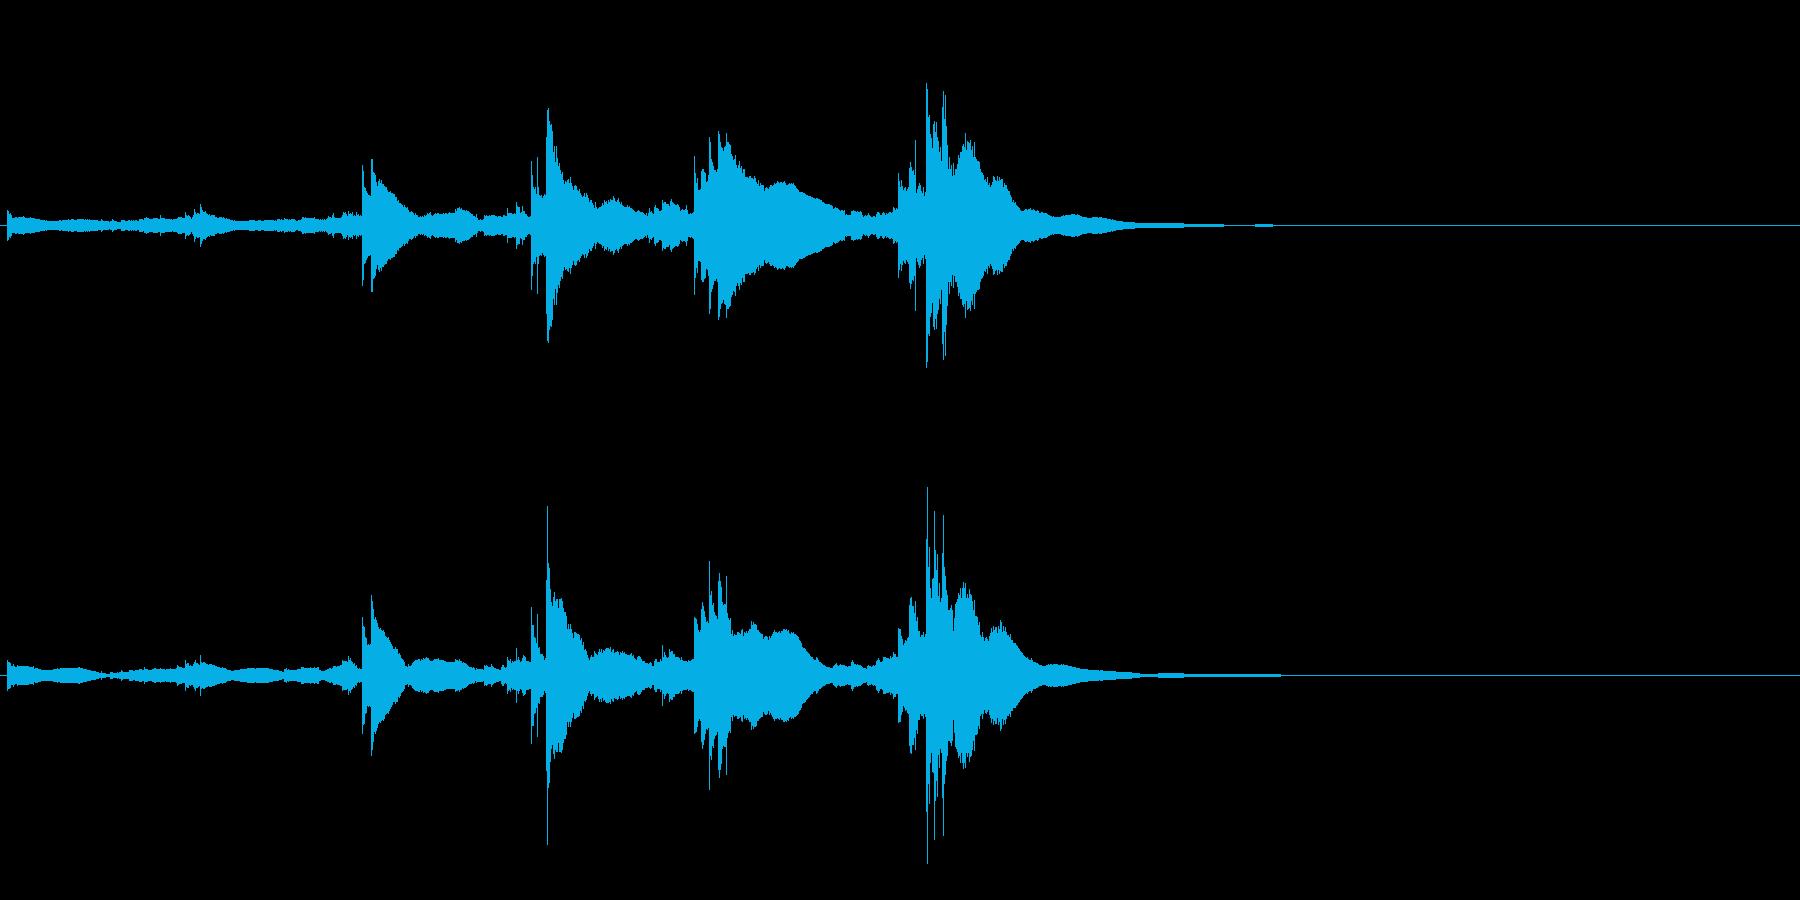 小型の鐘「本つり鐘」のフレーズ音2+Fxの再生済みの波形